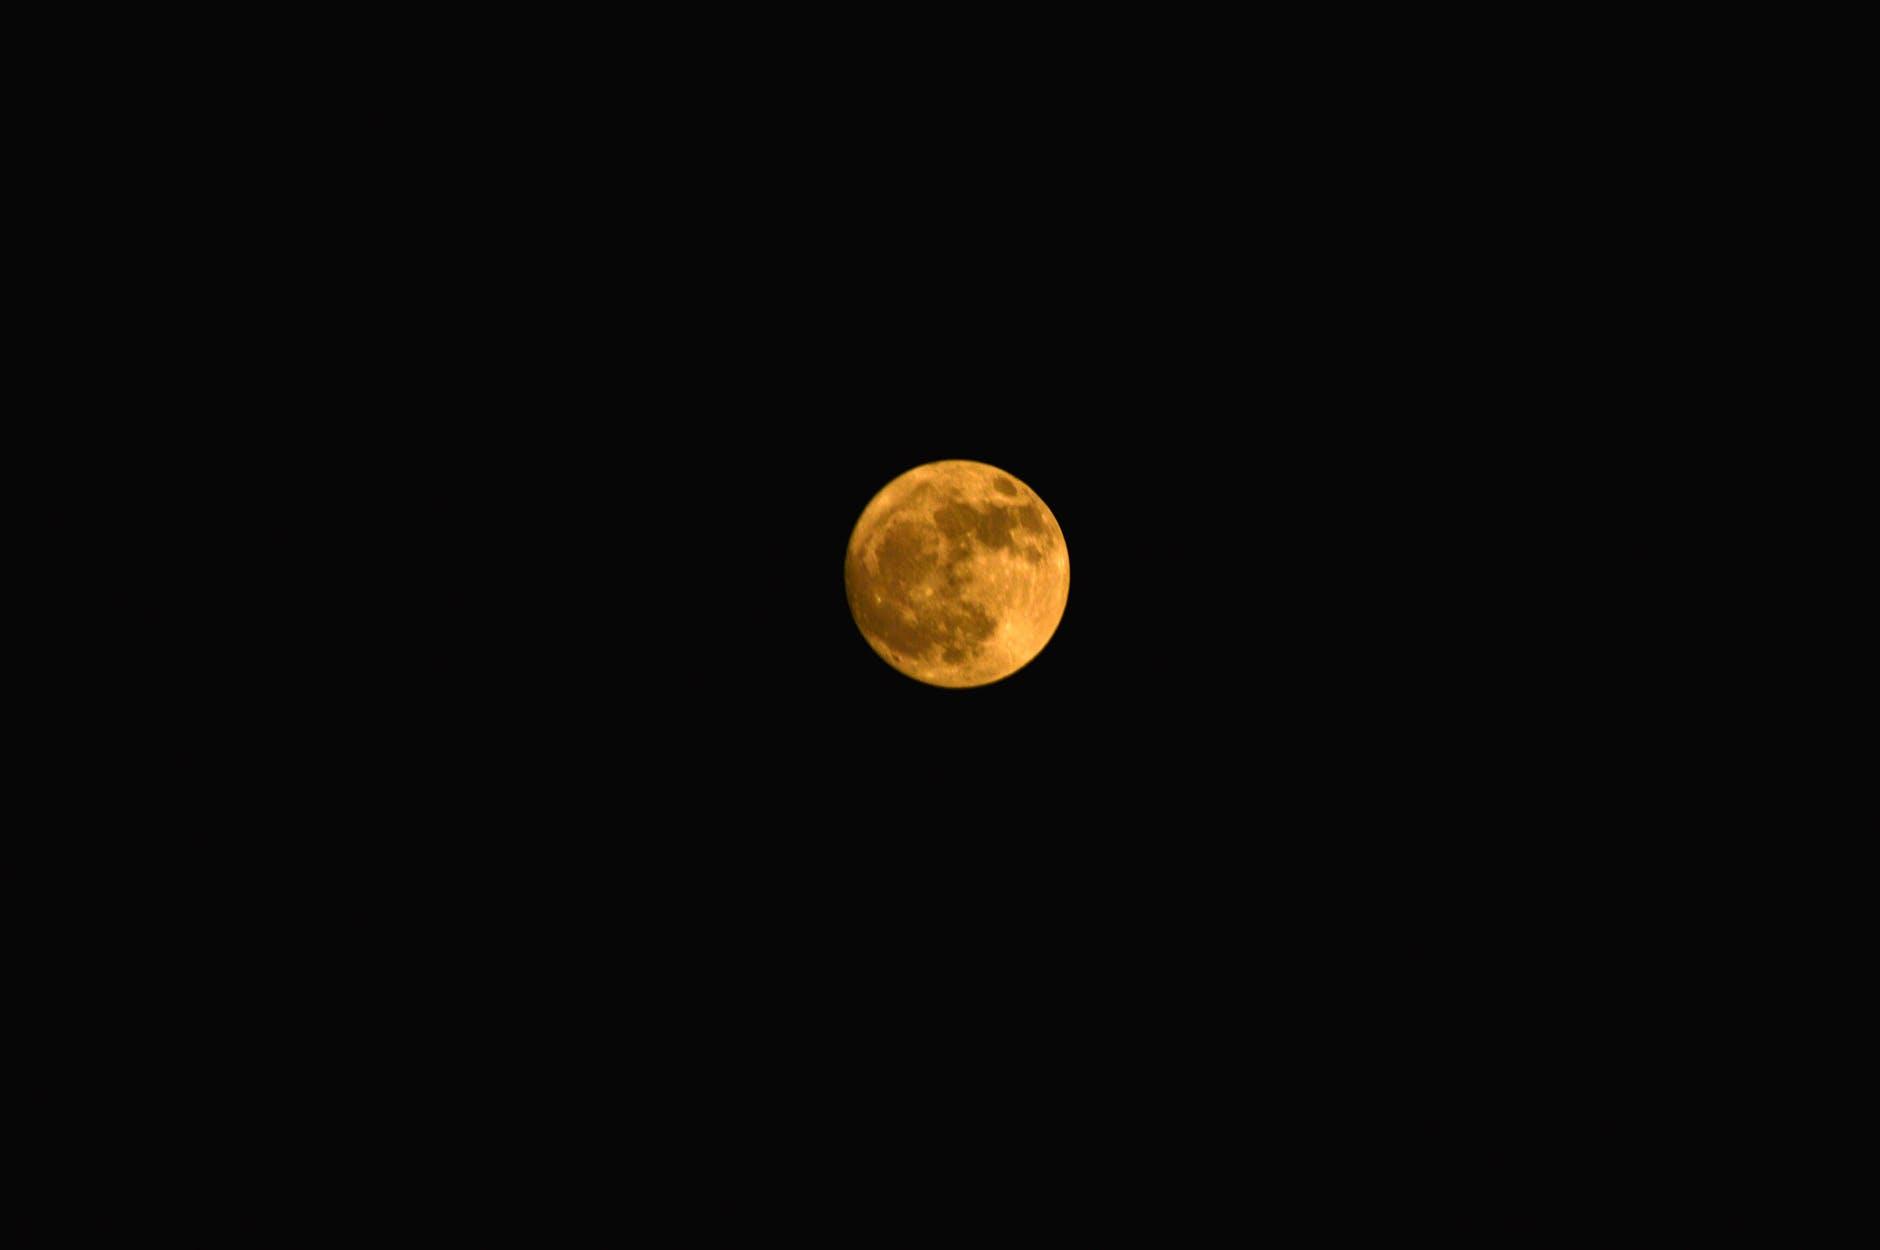 yellow moon illustration